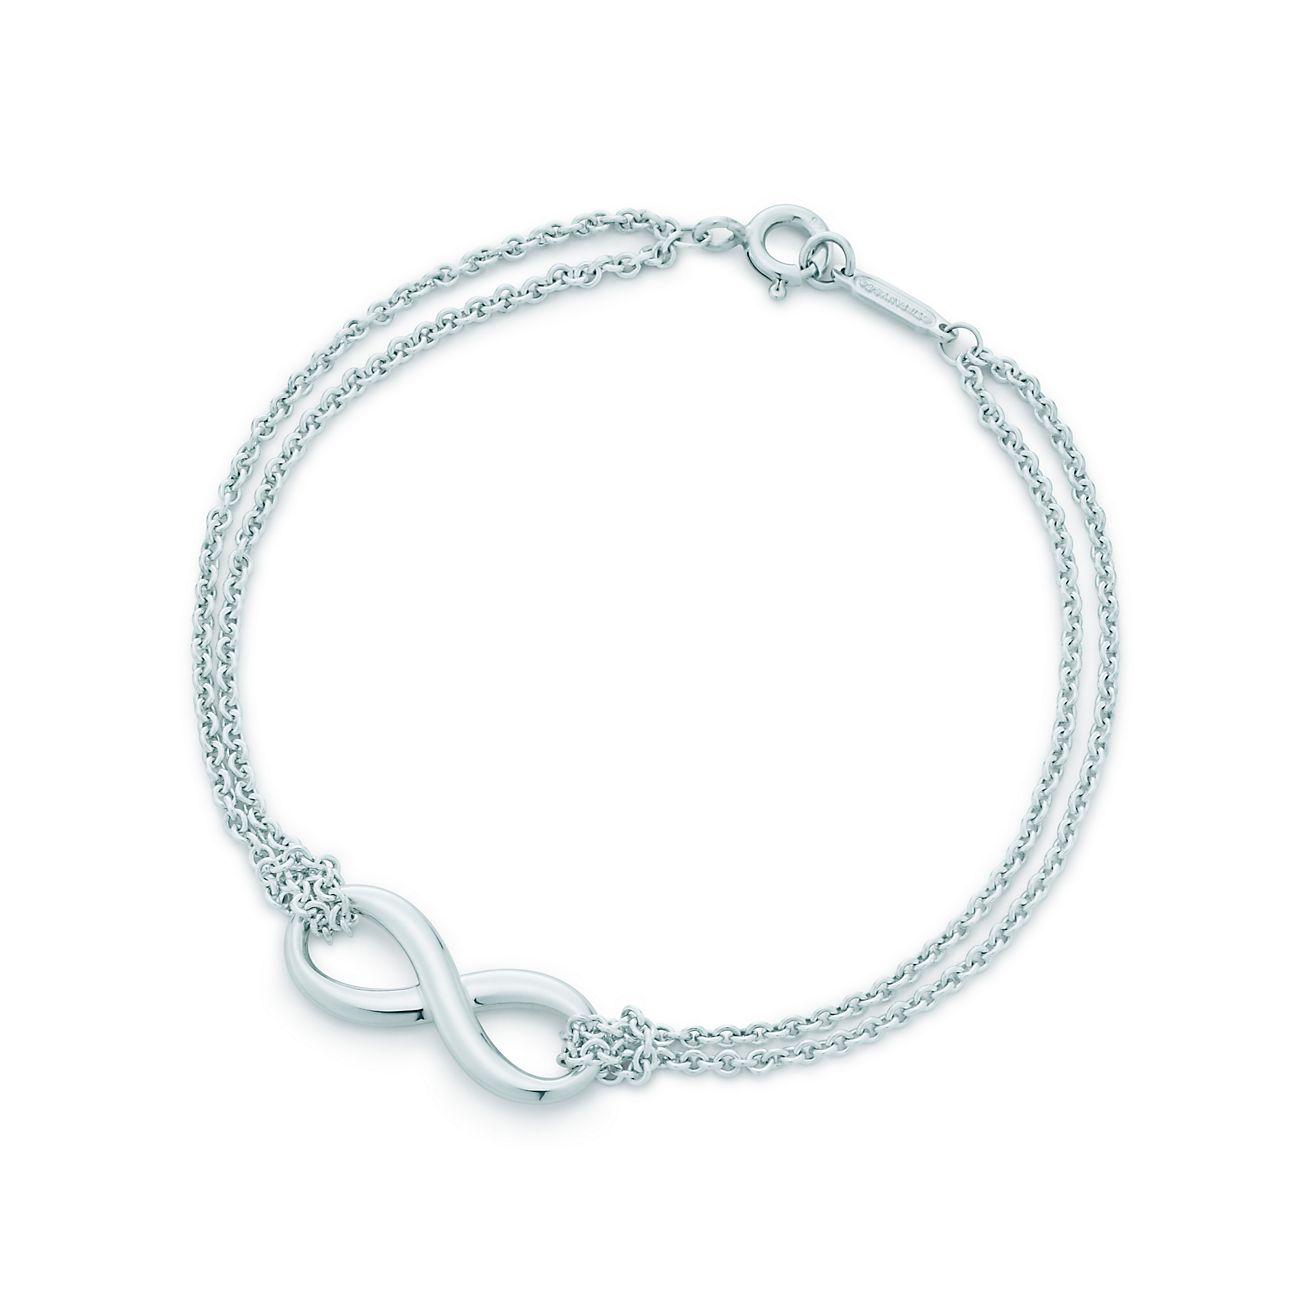 Bracelet Tiffany Infinity en argent 925 millièmes. Medium.